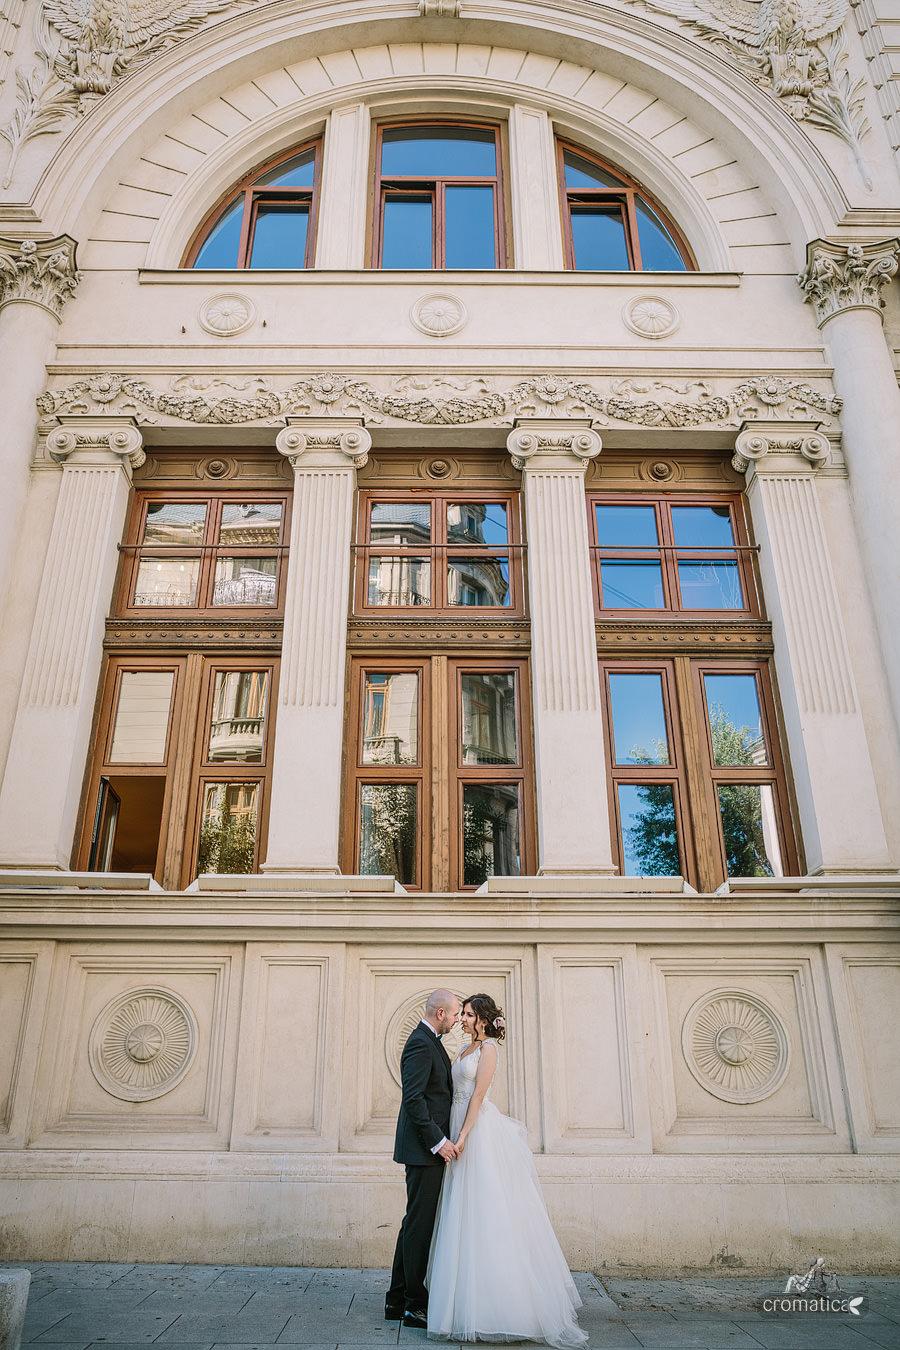 Alexandra & George - fotografii nunta Bucuresti (39)